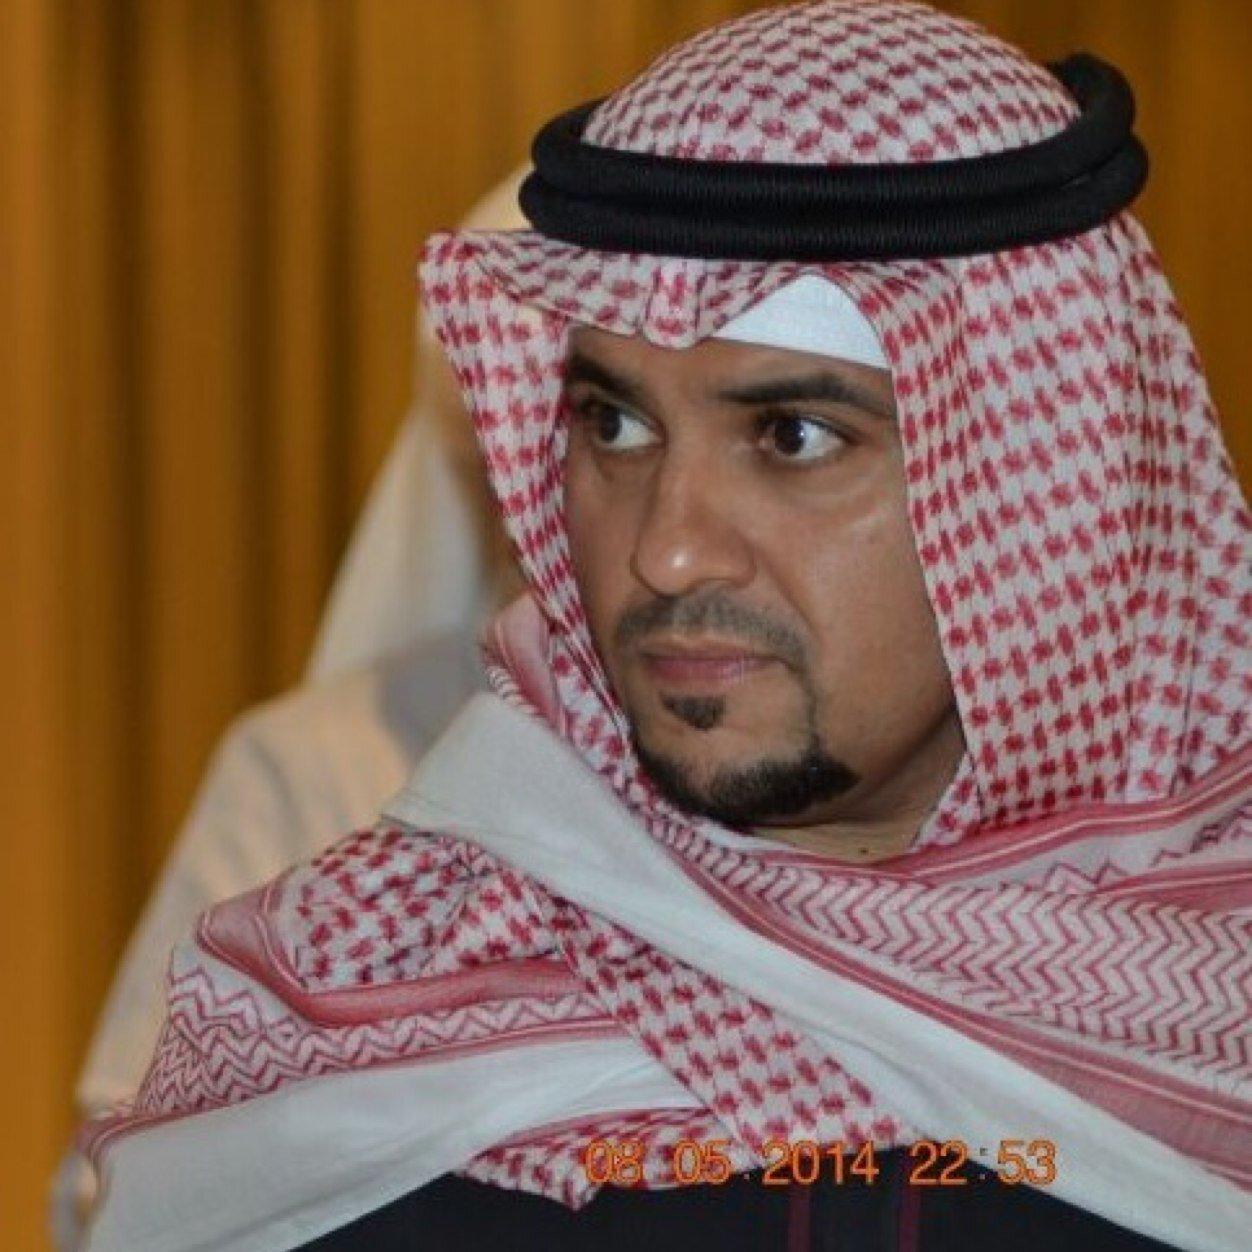 Thamer Mousa AL Zain